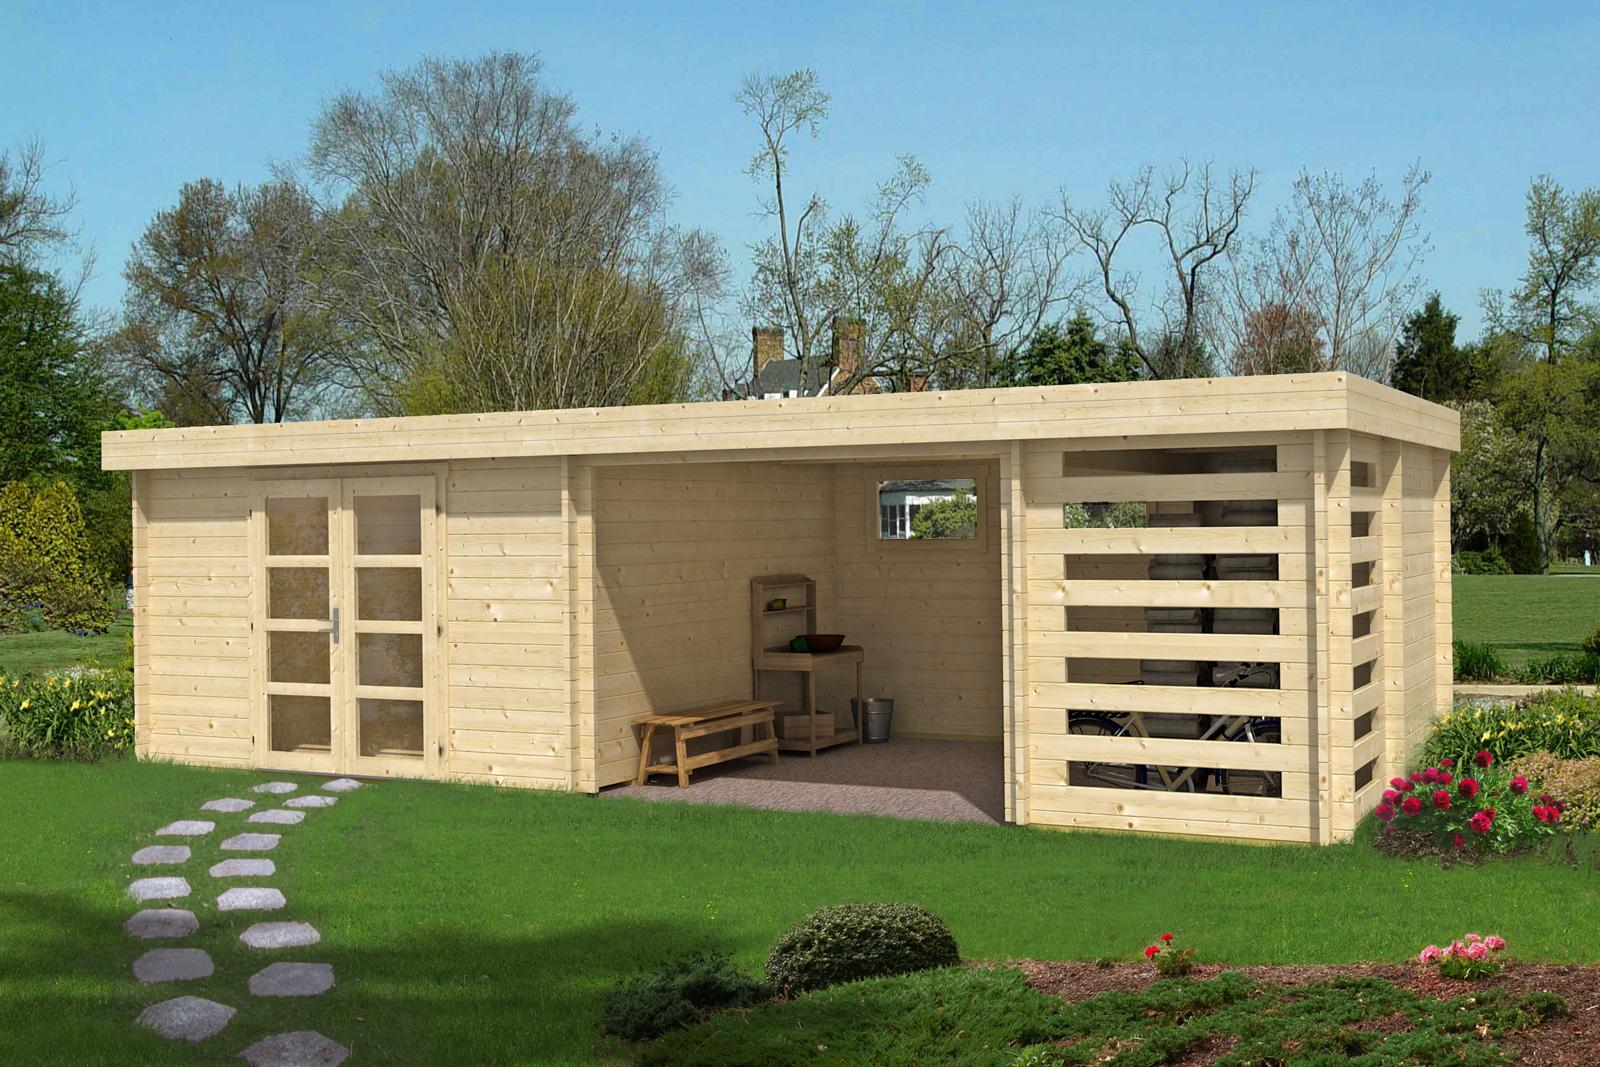 gartenhaus mimas 44 iso gartenhaus mimas 44 iso. Black Bedroom Furniture Sets. Home Design Ideas